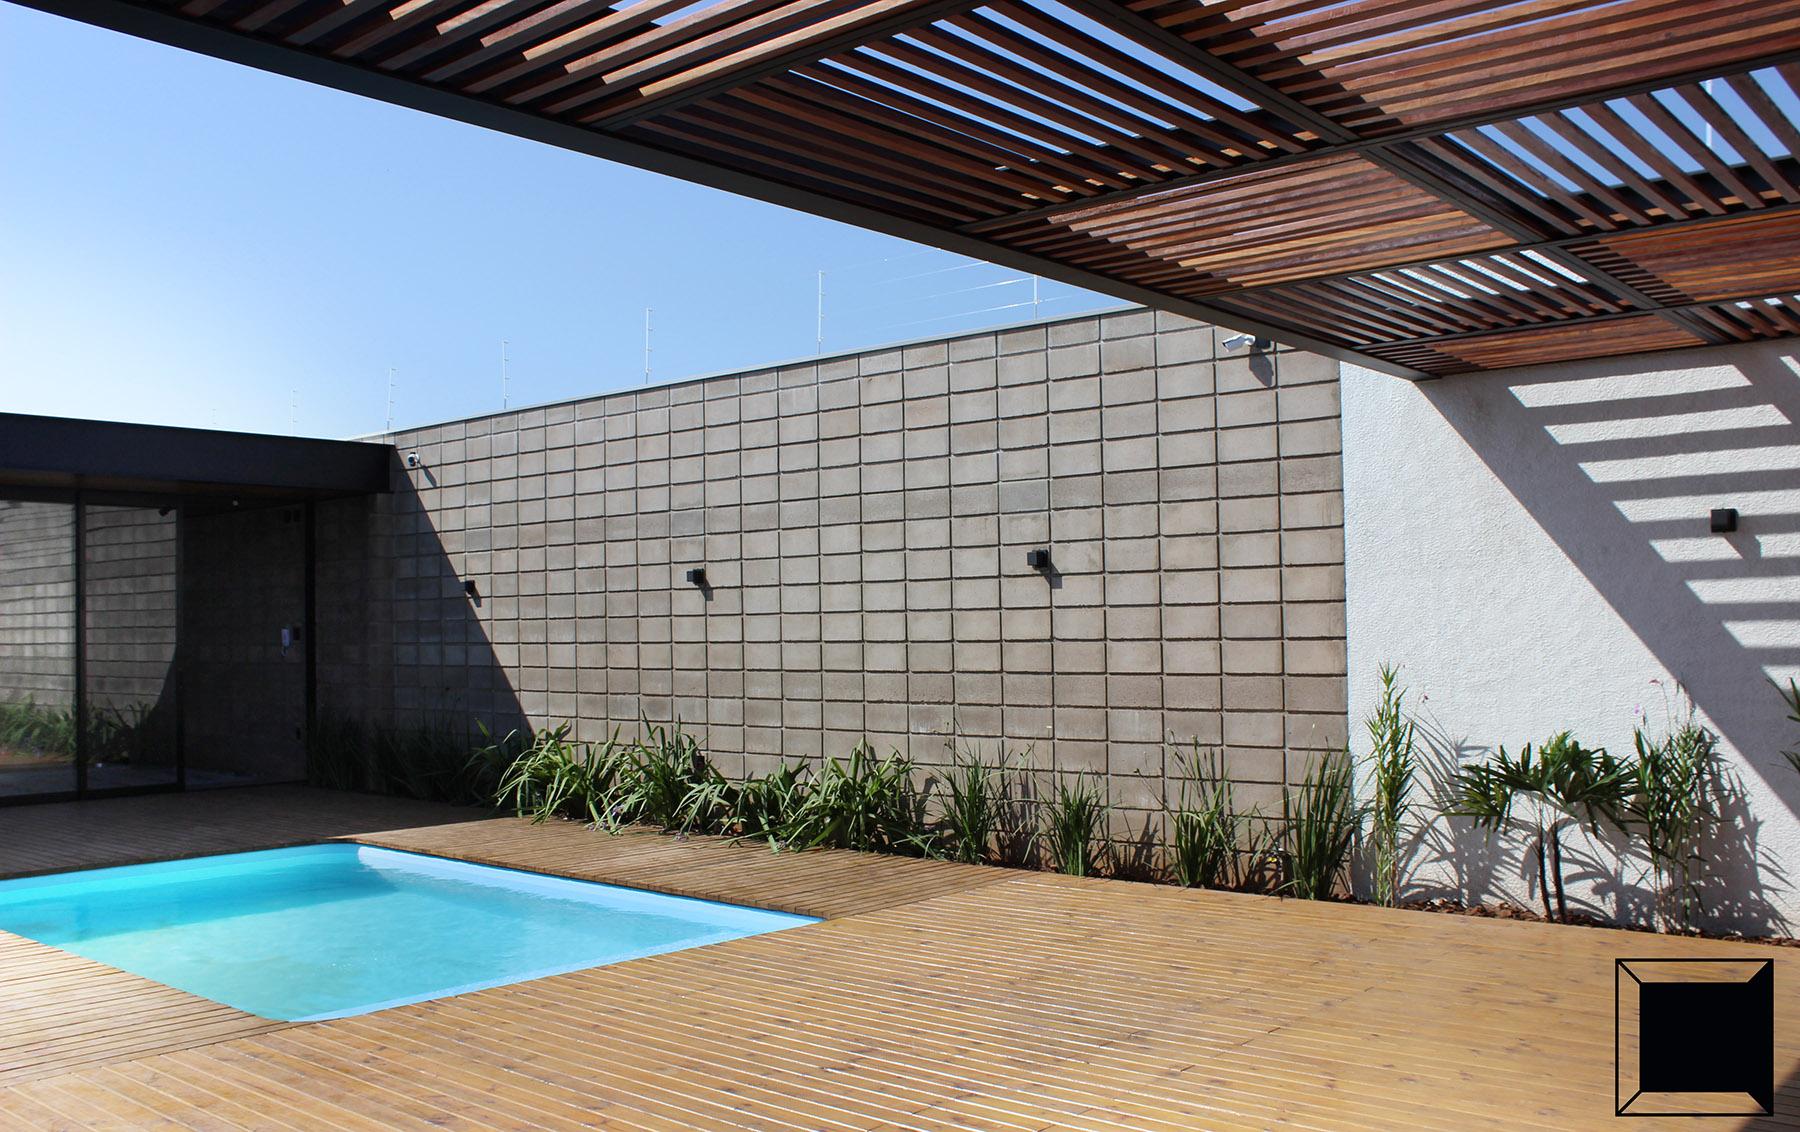 deck-piscina.jpg